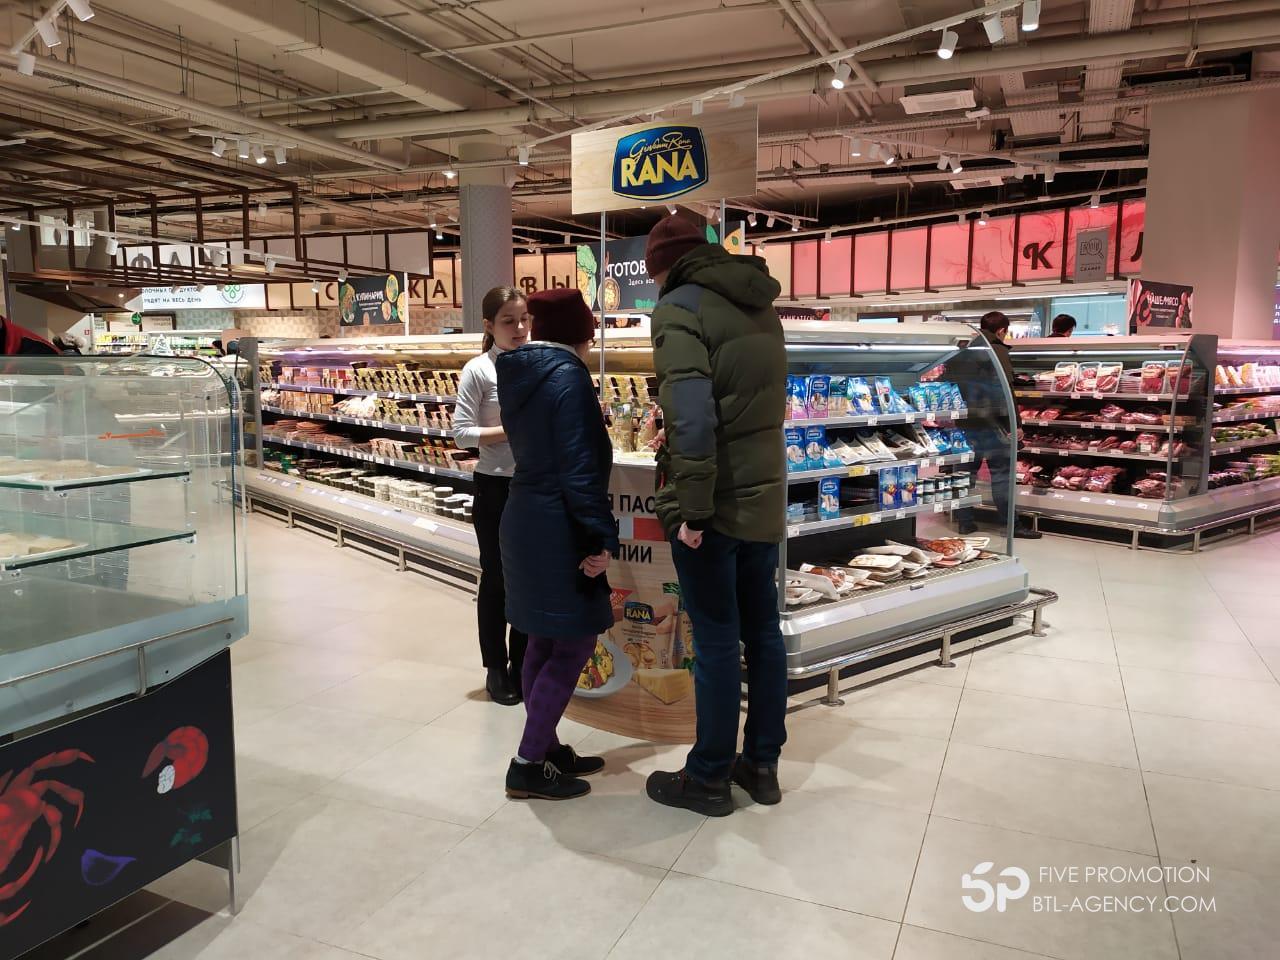 , Дегустация Итальянской свежей пасты RANA в Торговой сети Перекресток, 2019